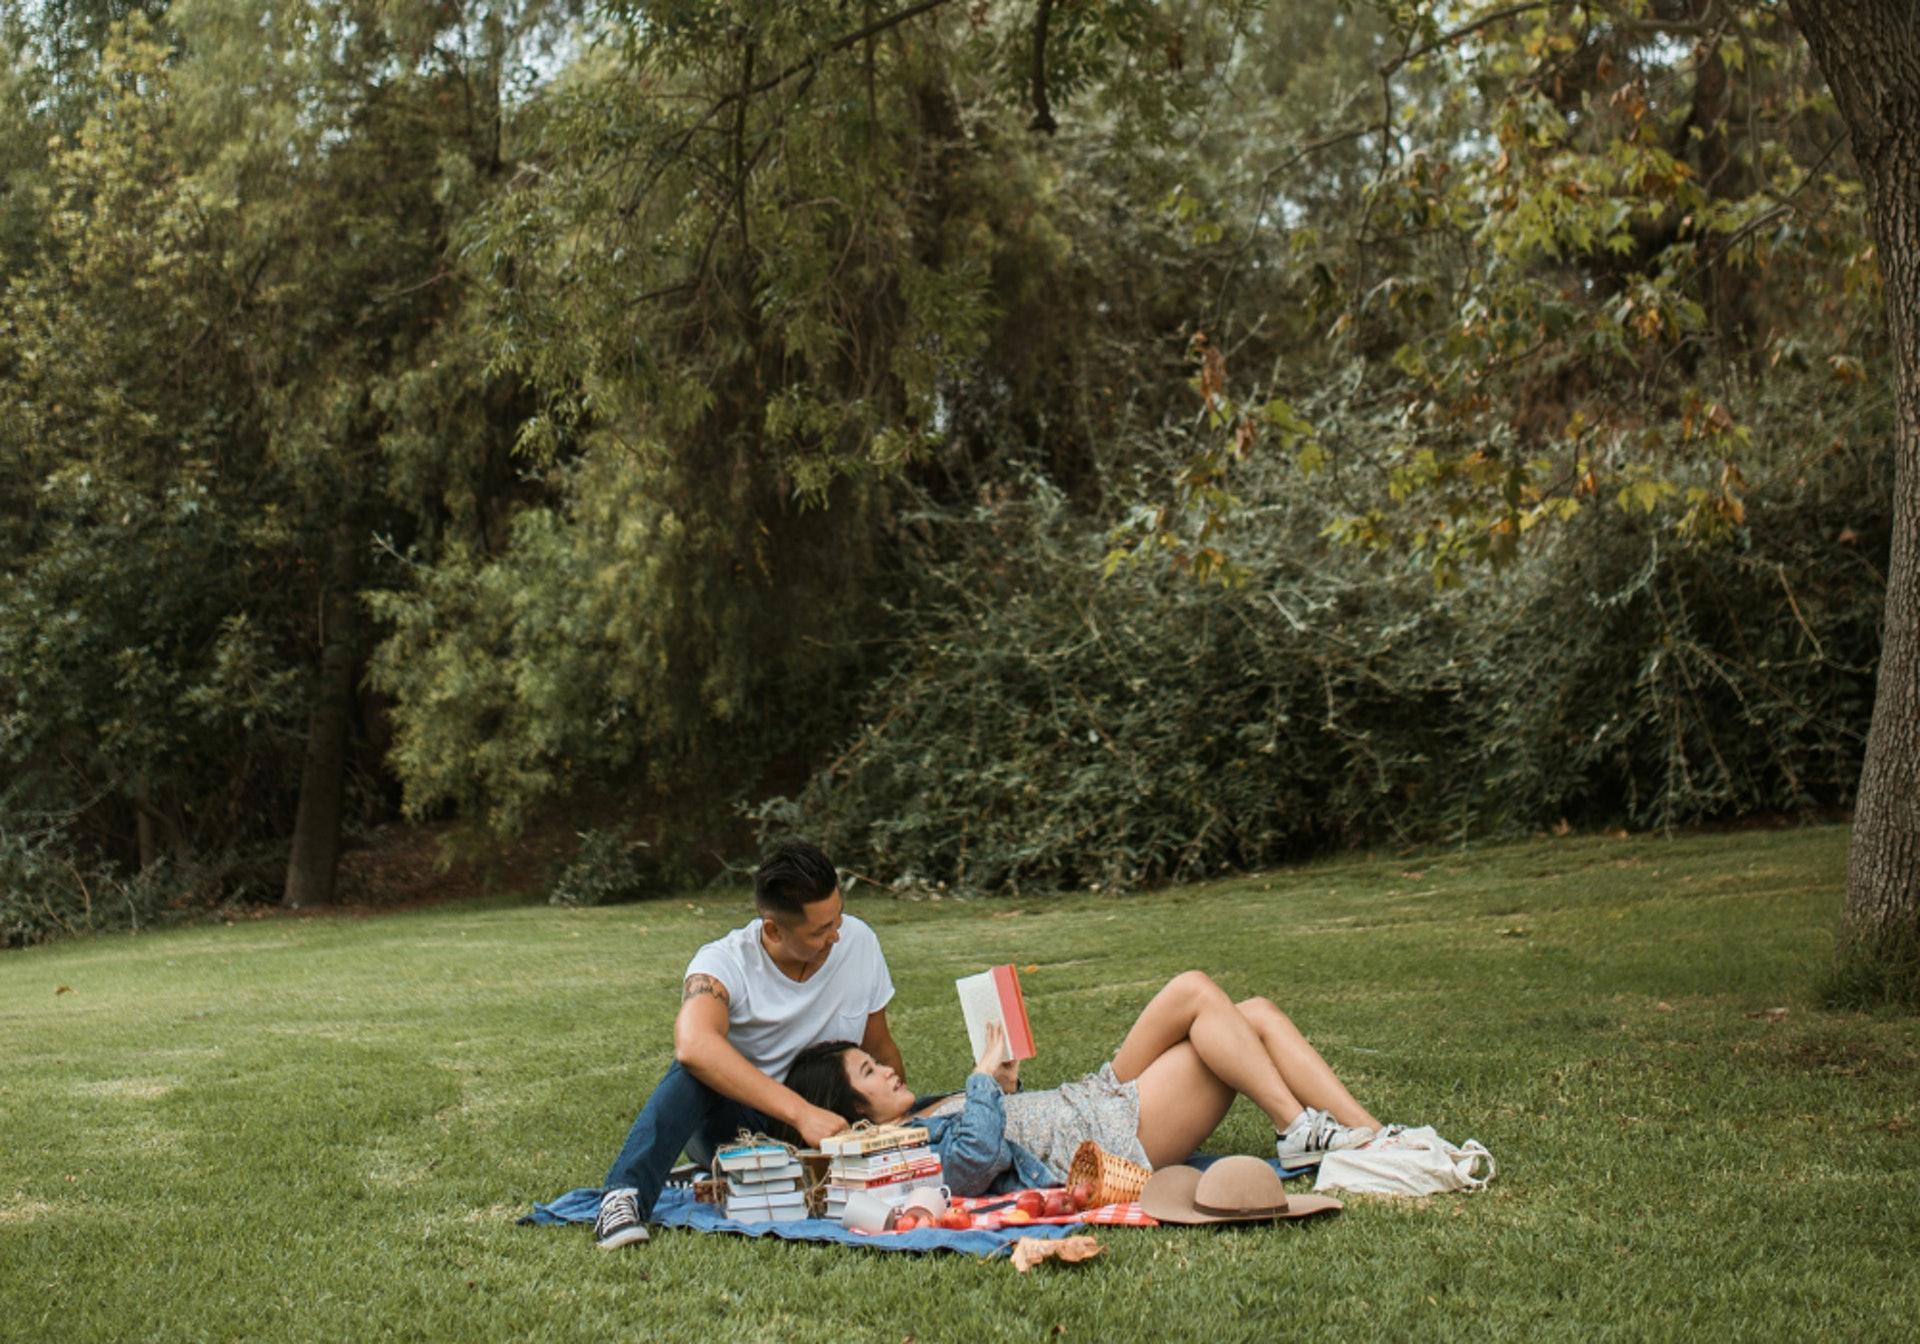 控制生活壓力、作息定時、飲食均衡及運動等都對預防此病有所幫作。 (圖片:pexels.com )